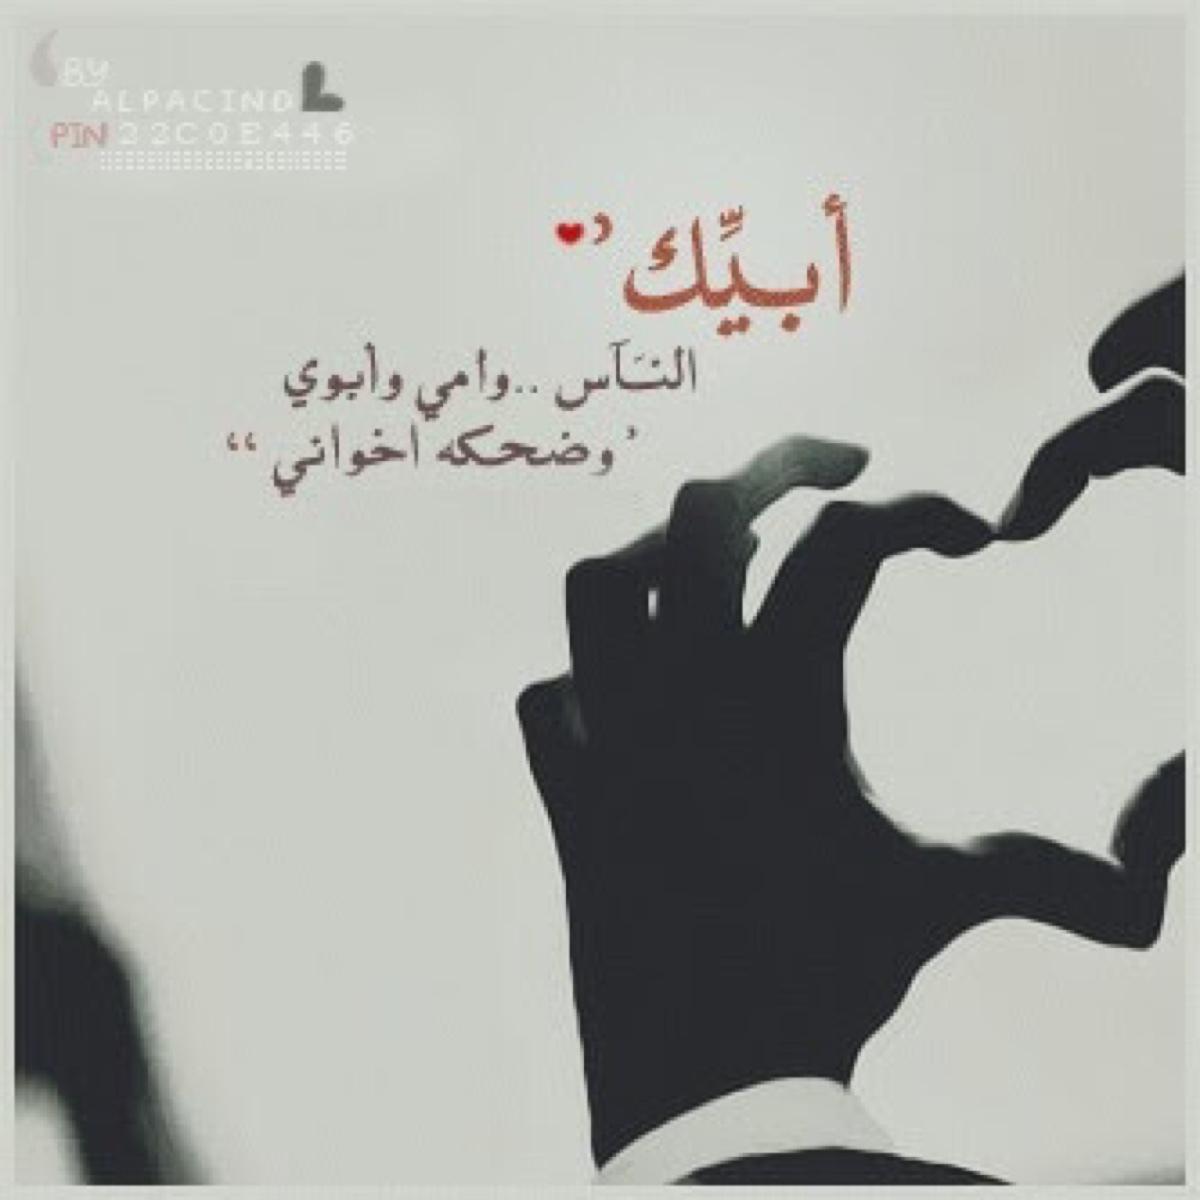 ابي بيسيات او عباره جميله يعني عن ذكرى زواج Ask Fm Tasameem122